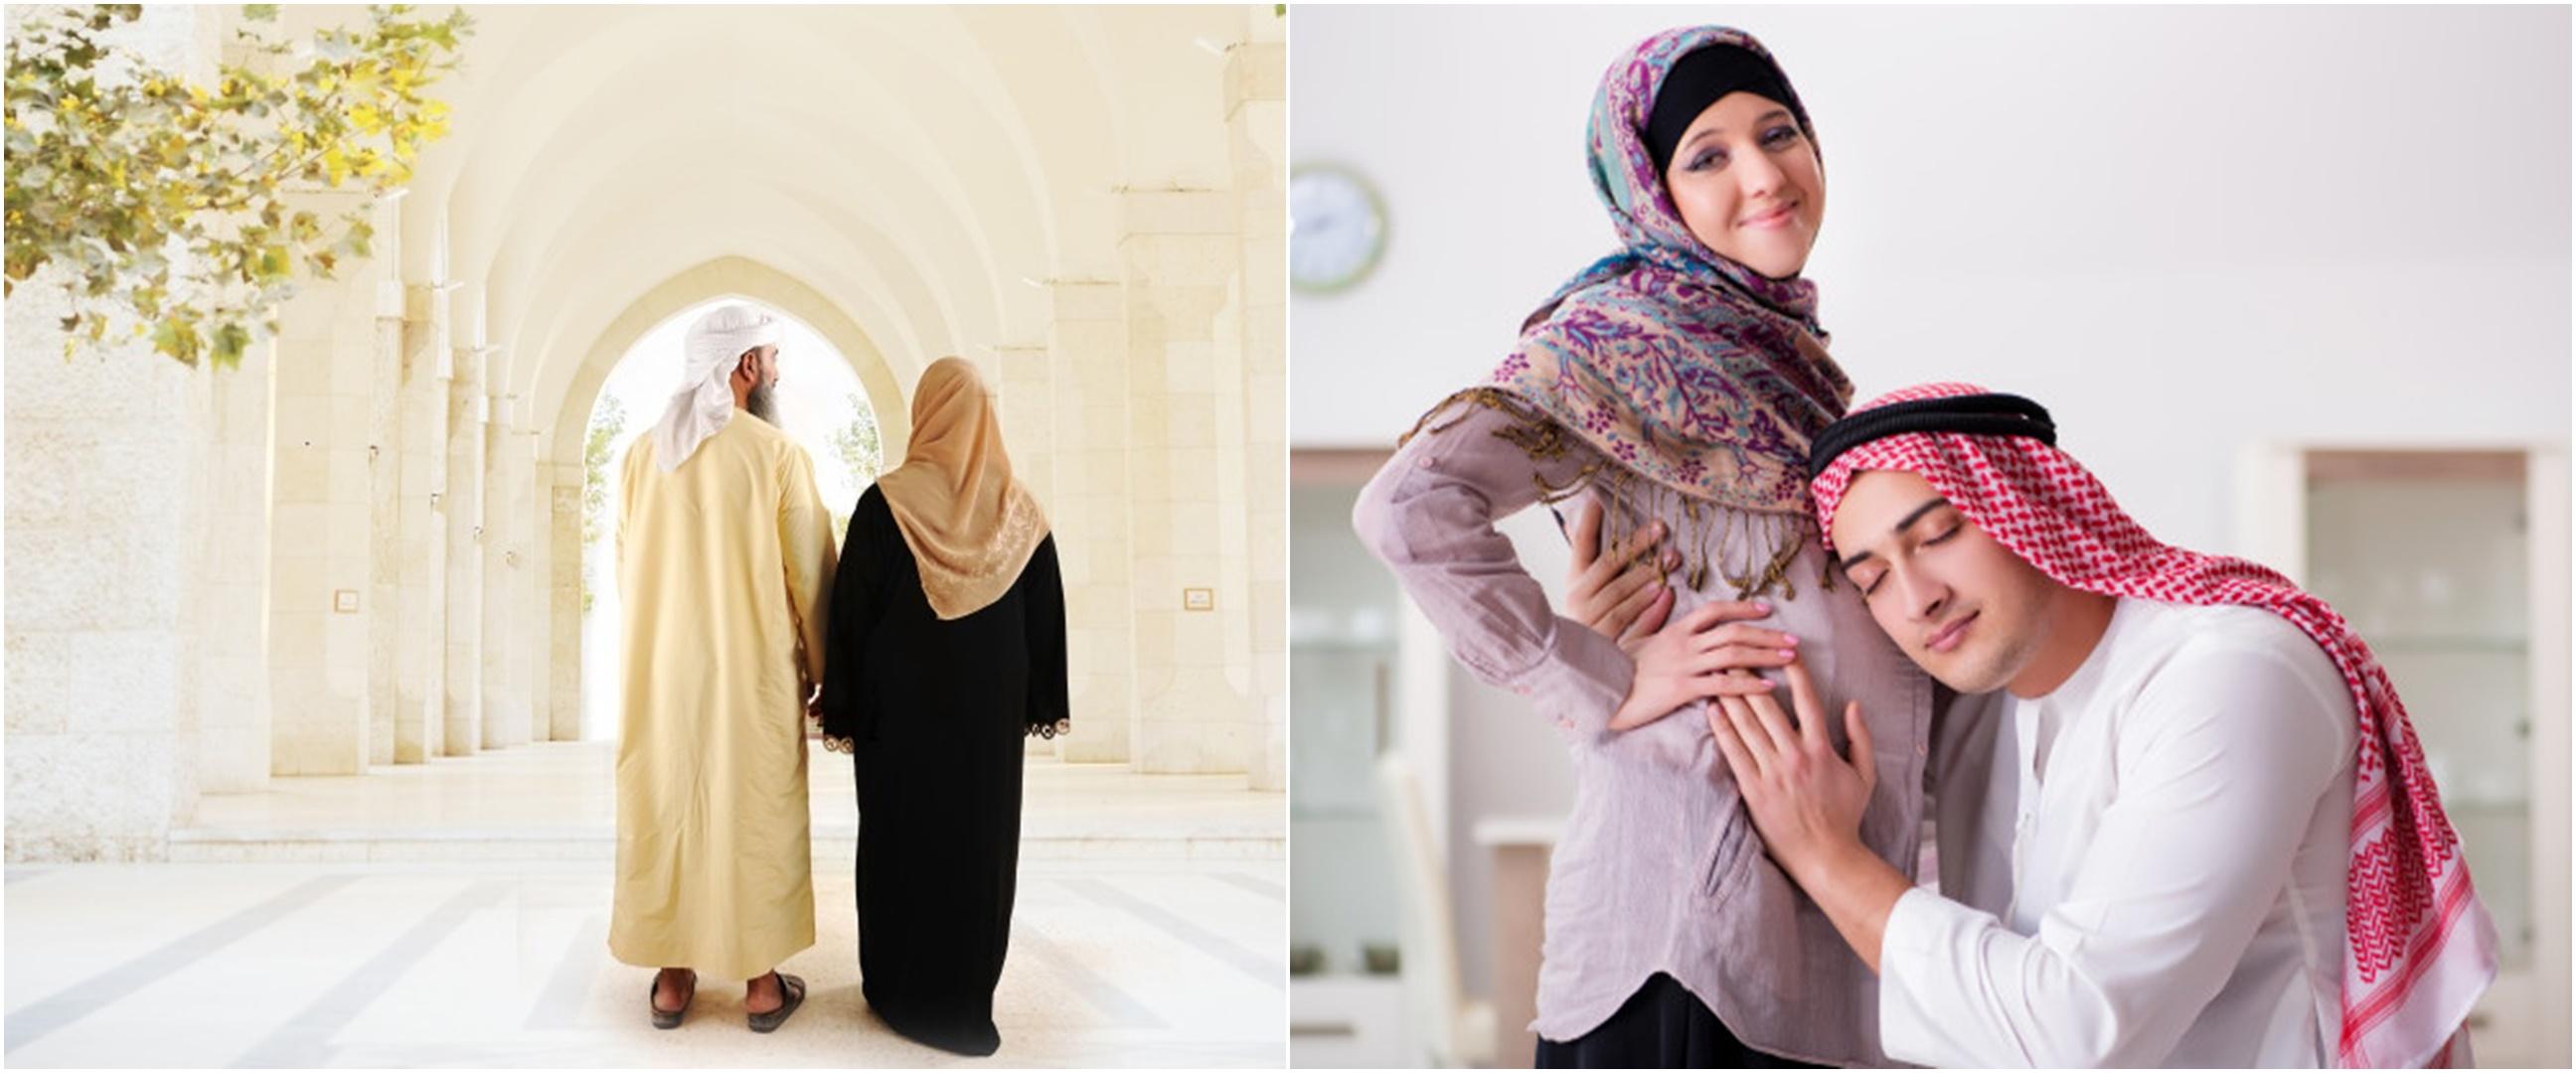 Kewajiban seorang suami terhadap istri dalam ajaran agama Islam